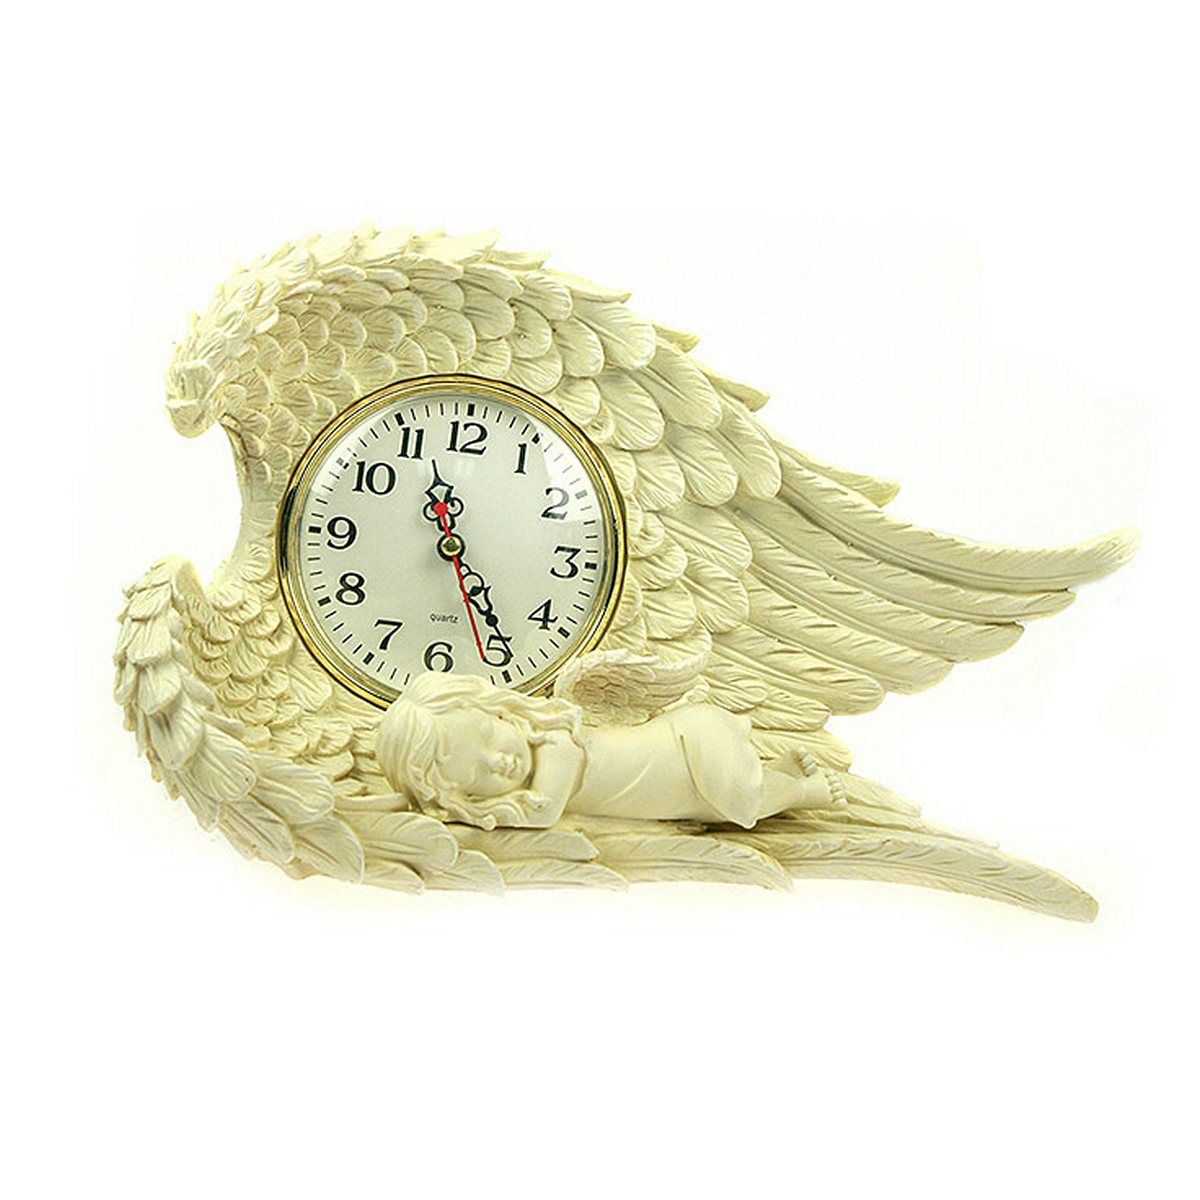 Часы настольные Русские Подарки Ангелочек, 31 х 20 х 10 см. 3641736417Настольные кварцевые часы Русские Подарки Ангелочек изготовлены из полистоуна, циферблат защищен стеклом. Часы имеют три стрелки - часовую, минутную и секундную. Изящные часы красиво и оригинально оформят интерьер дома или рабочий стол в офисе. Также часы могут стать уникальным, полезным подарком для родственников, коллег, знакомых и близких.